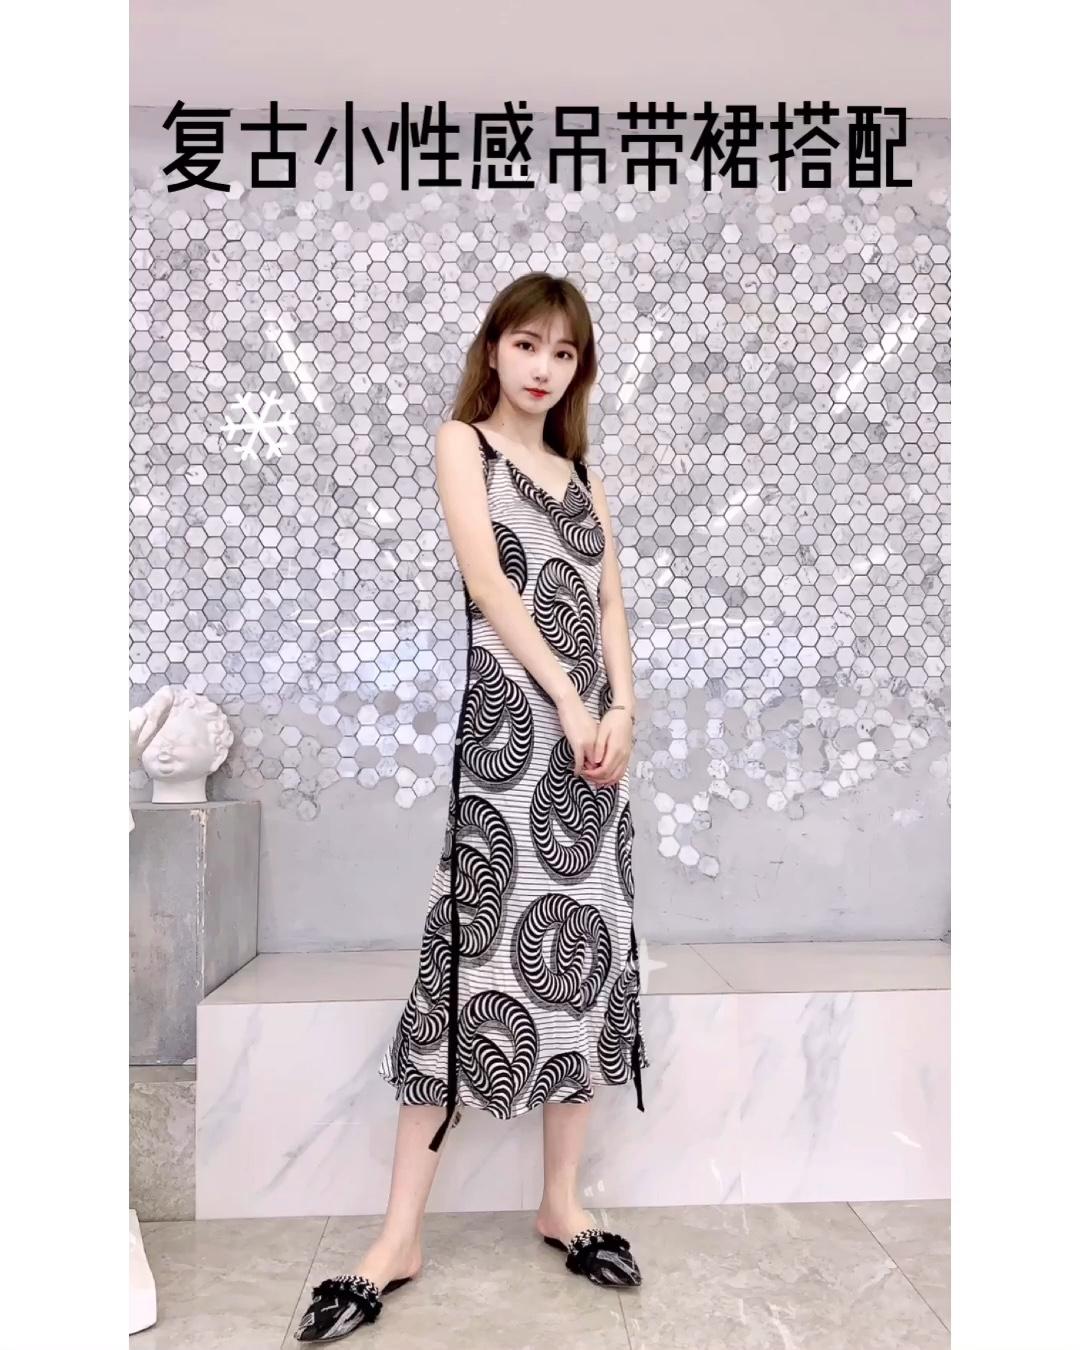 #蘑菇街新品测评# 超级复古显身材一件吊带裙~ 材质穿上身也是超级舒服的,蚕丝的高级面料质感真的与众不同 吊带裙身的图案 像是性感的蛇蝎女人 又有一种神秘的气息 非常好的勾勒出身材曲线哦